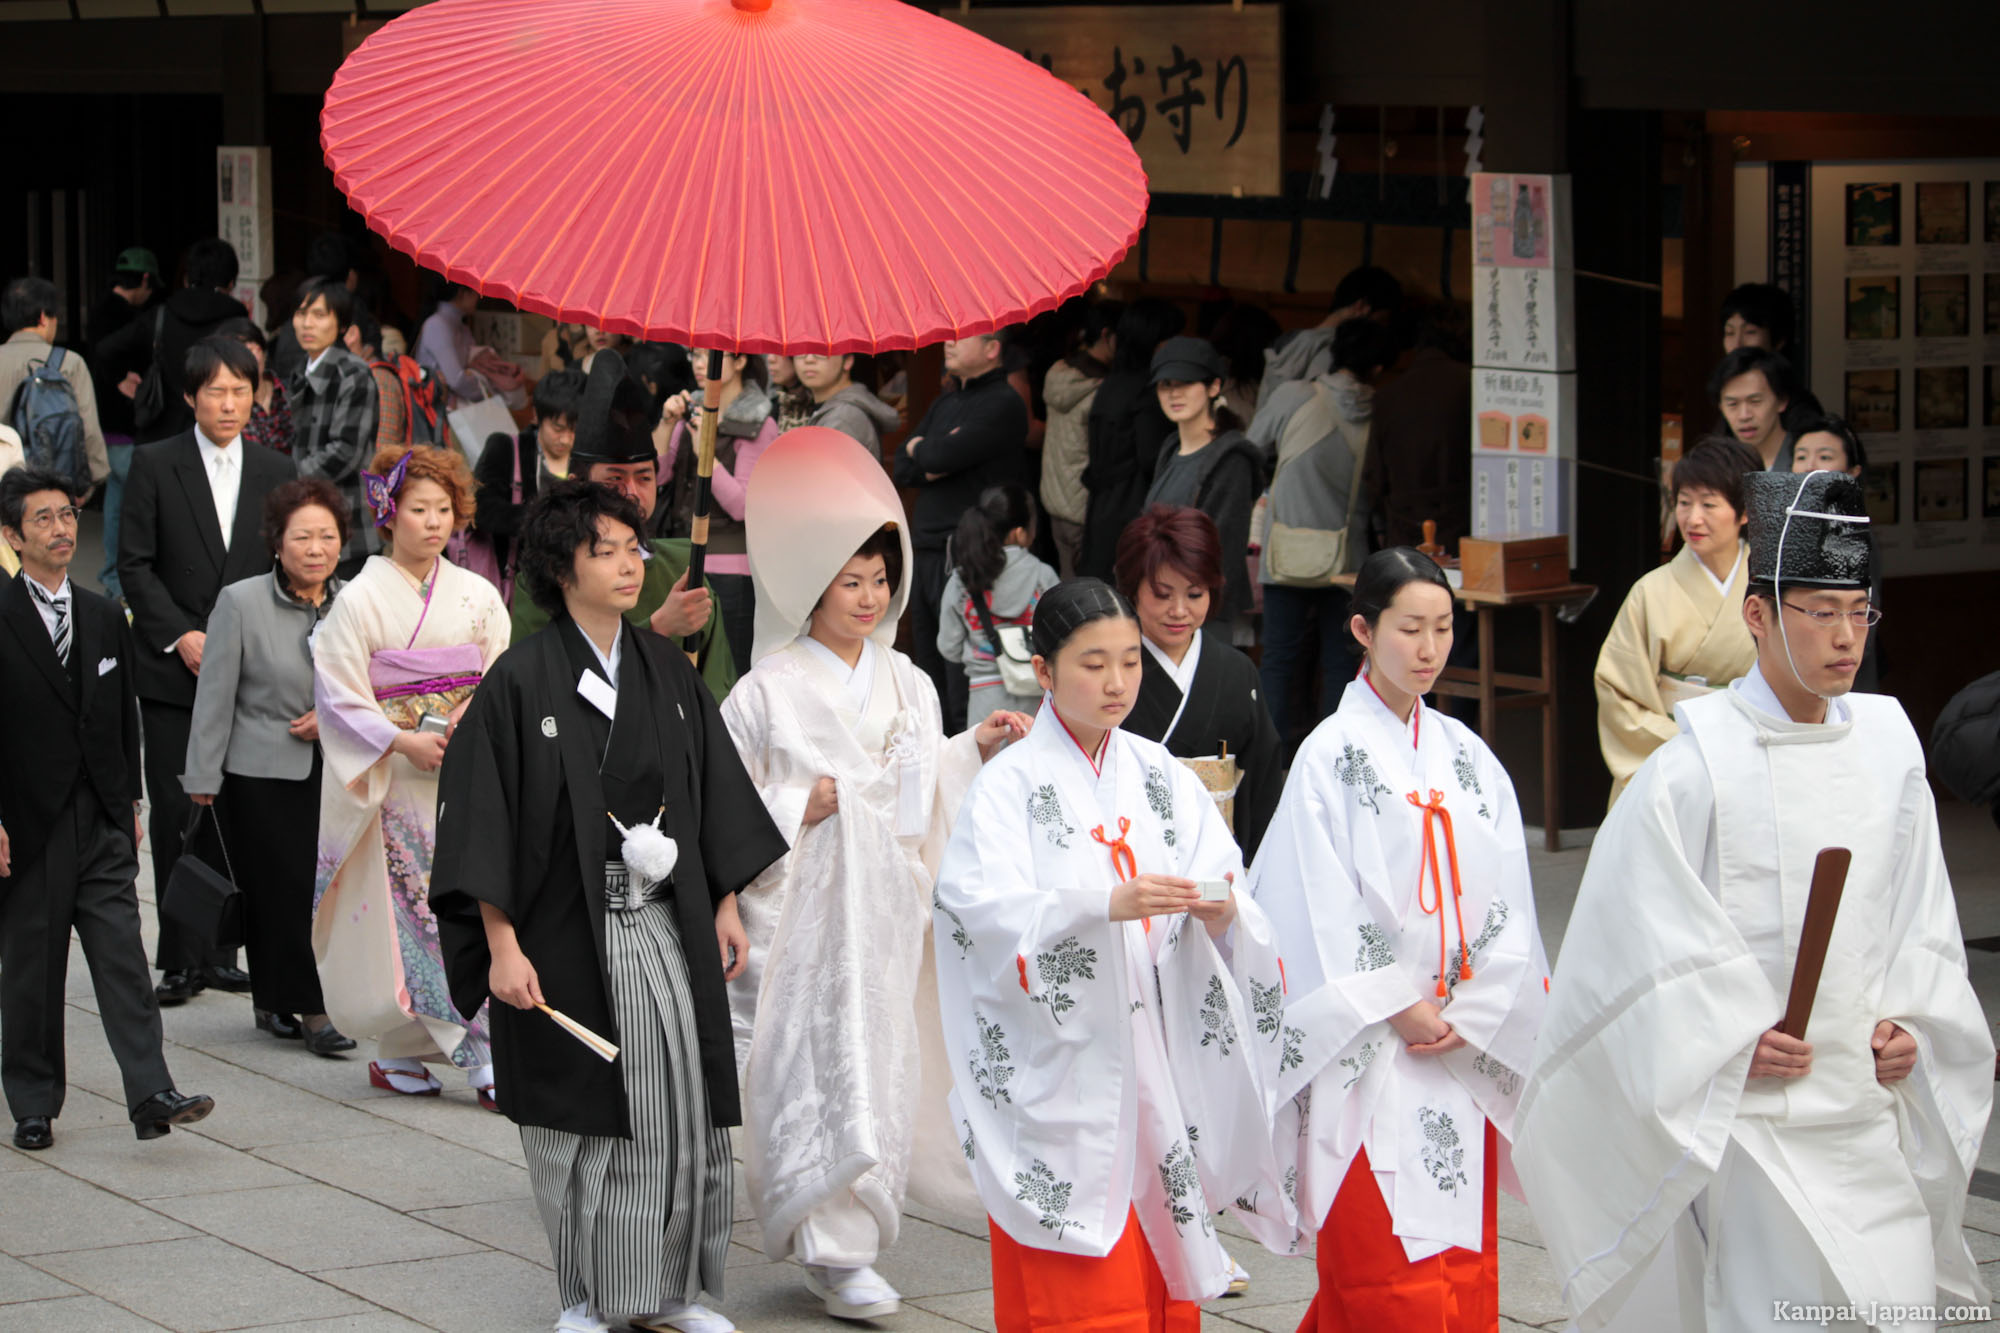 Japanese wedding blessings - Japanese Wedding Blessings 26